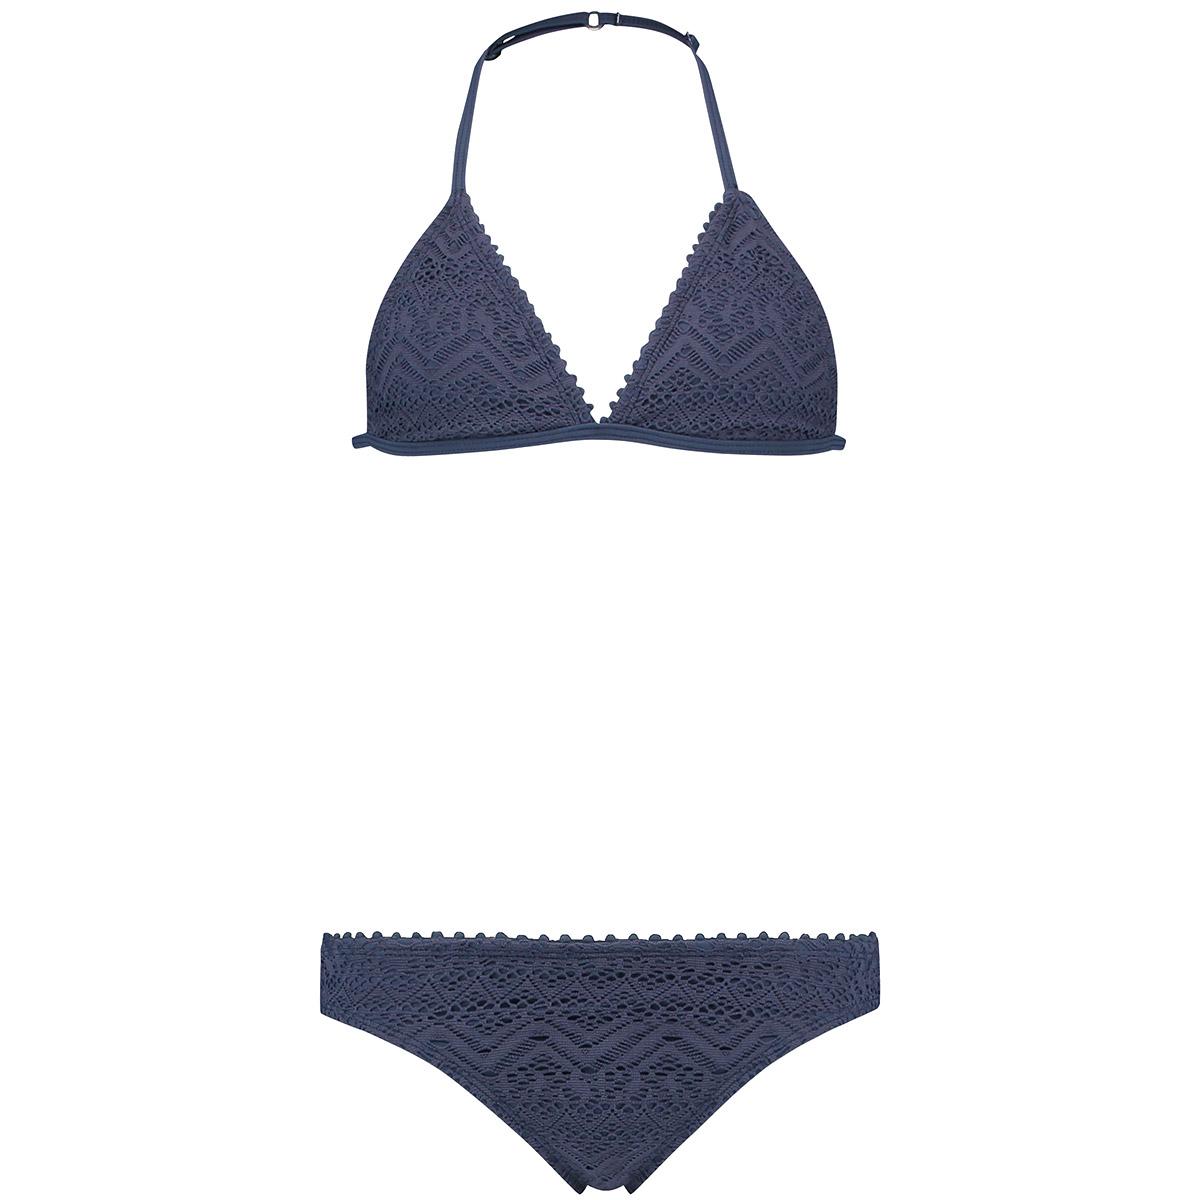 a9cfa7c76e0774 Meisjes bikini's bestel je online bij